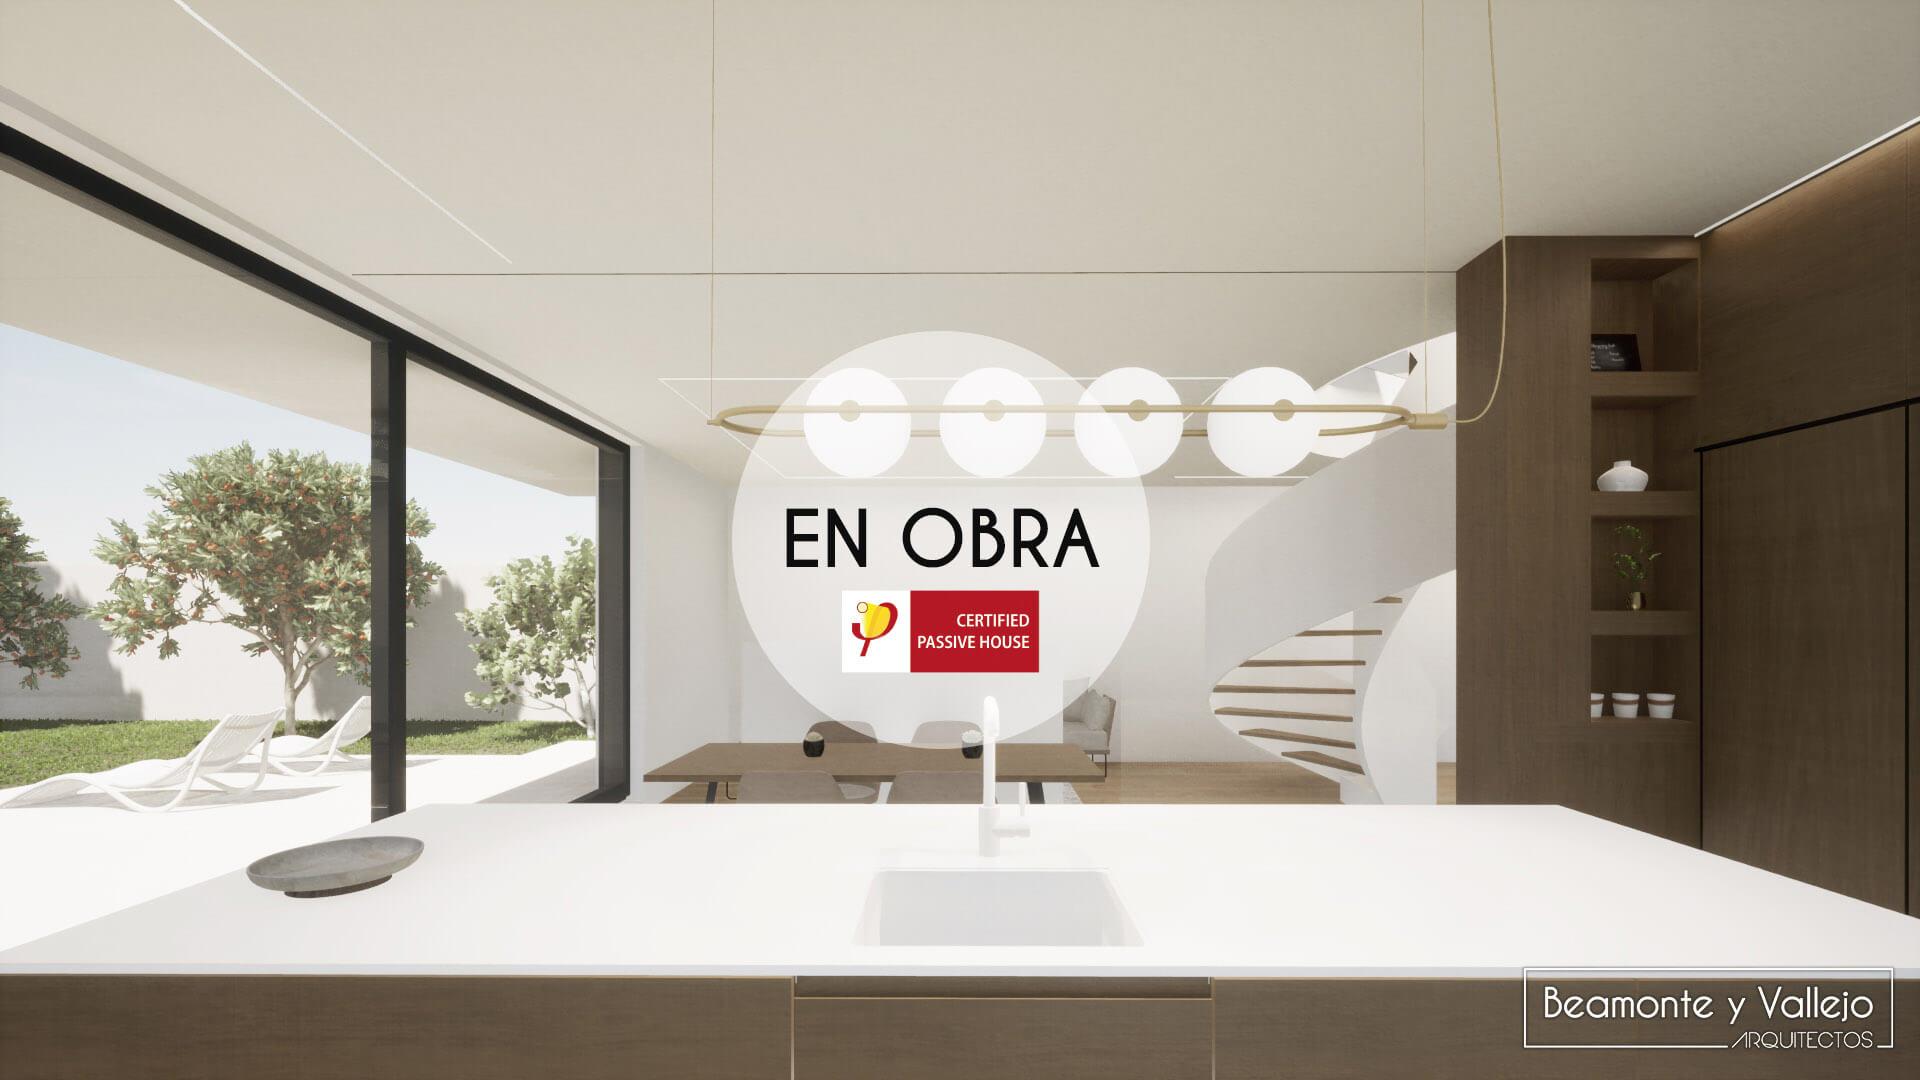 Beamonte y Vallejo arquitectos - Passivhaus Rocafort, Valencia en obra - 7